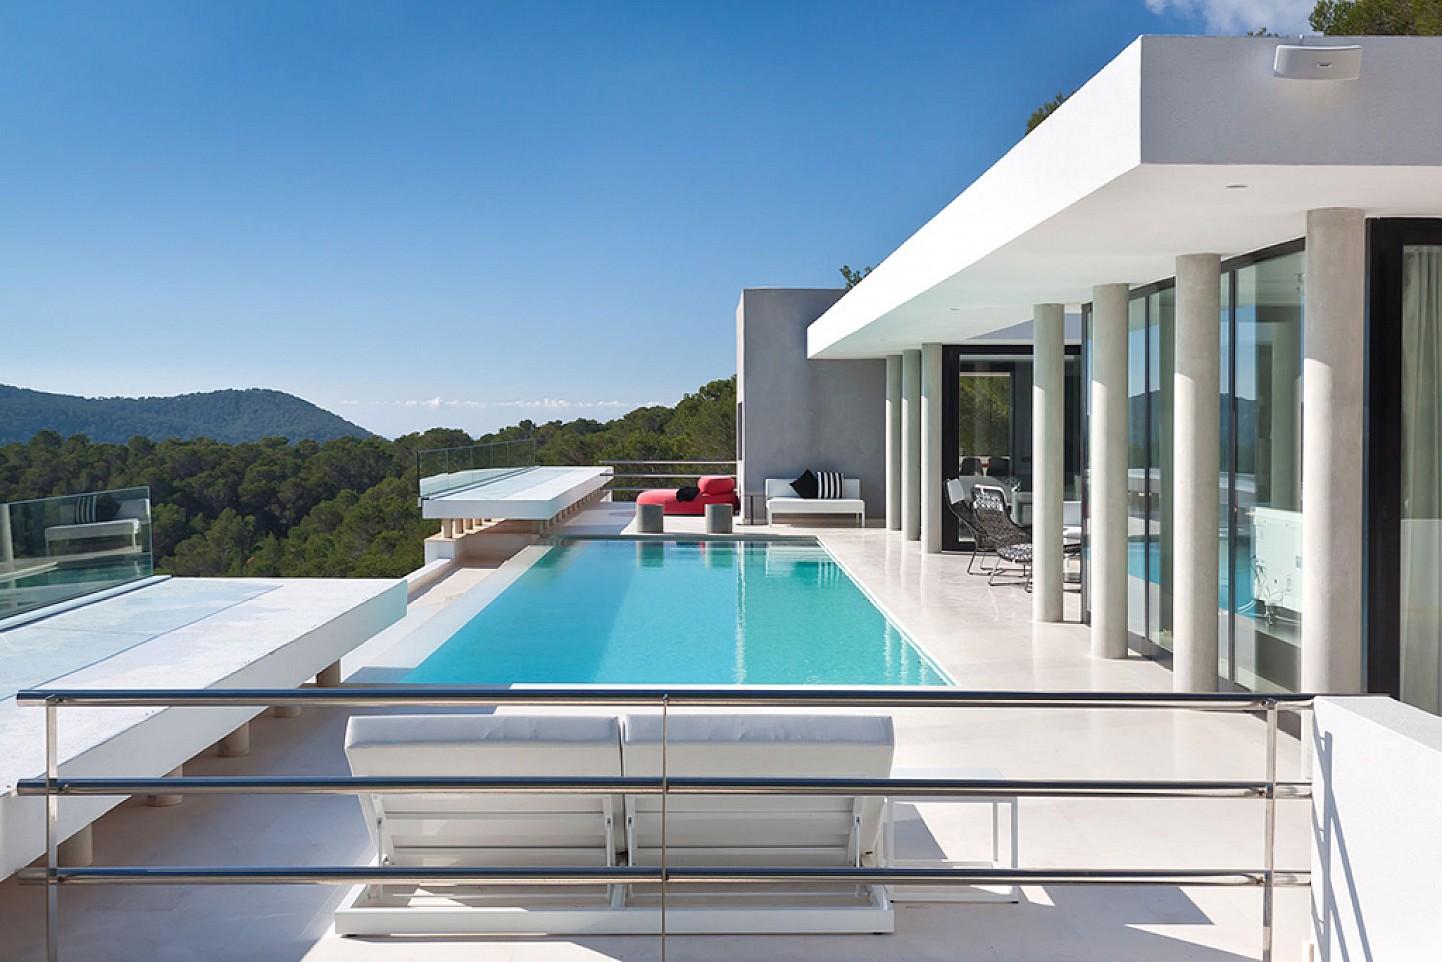 Vistas de lujosa villa con maravillosas vistas en alquiler en Ibiza